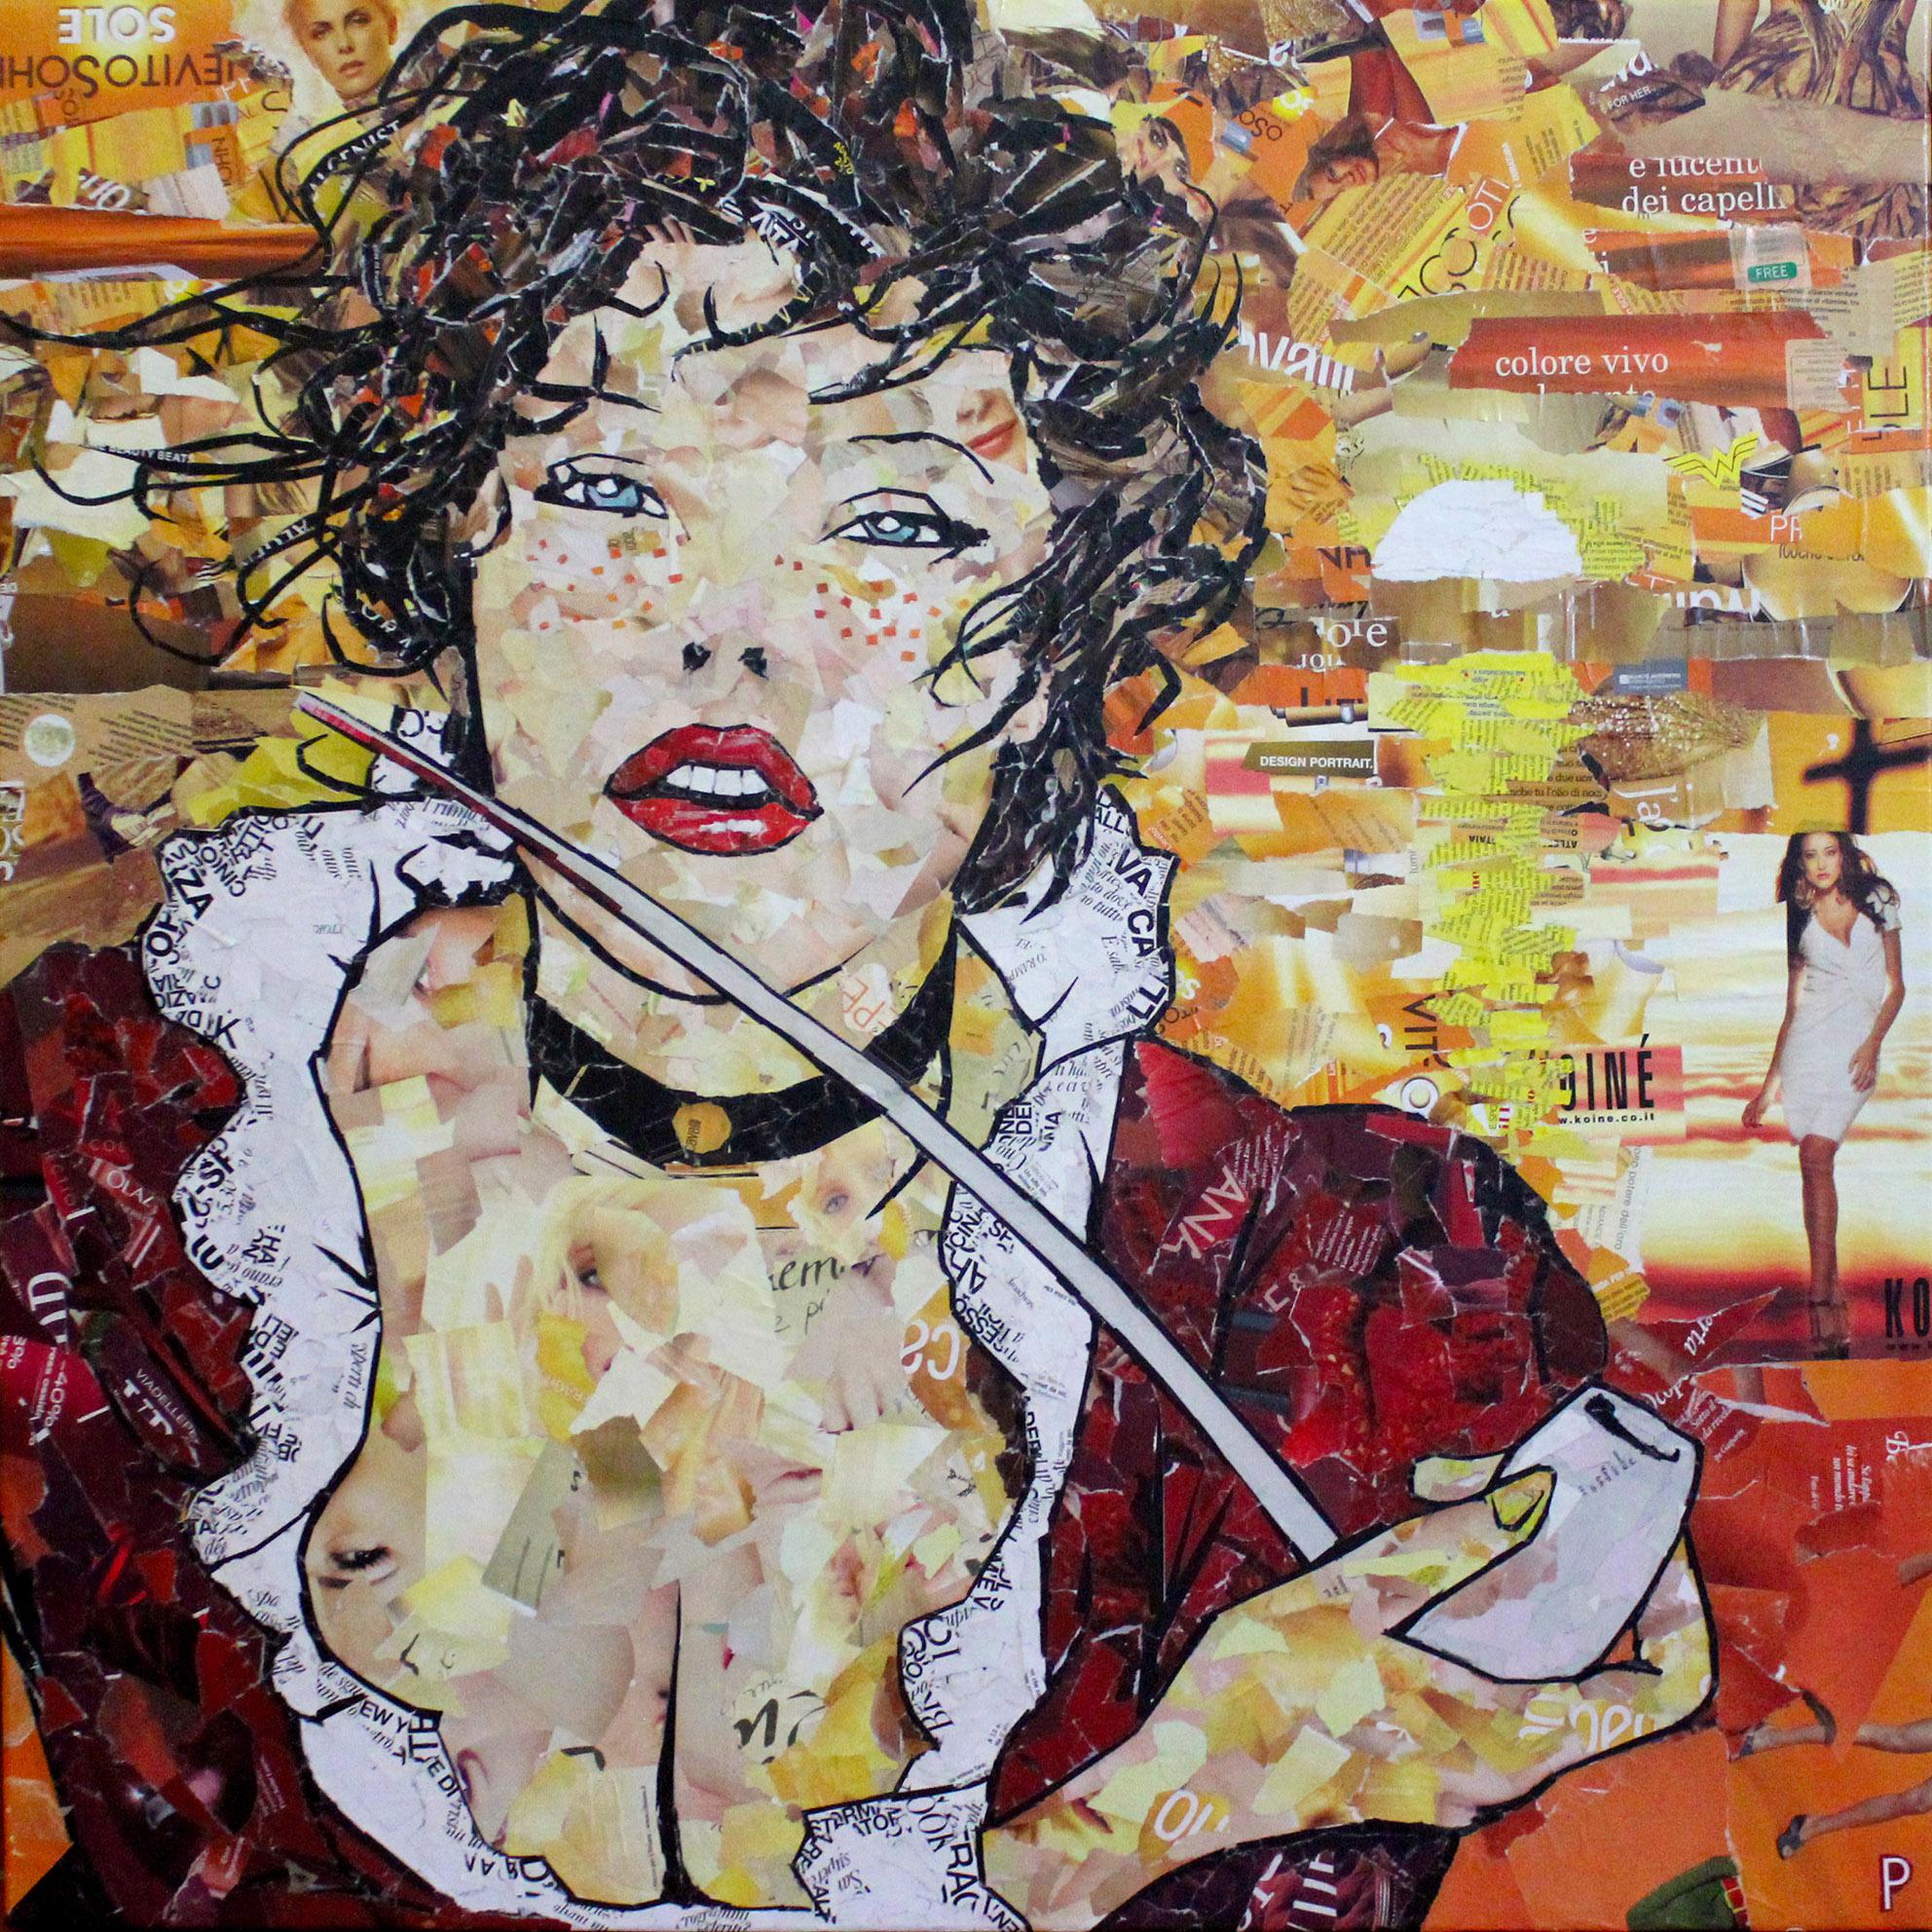 Manara - Collagework 90x90cm